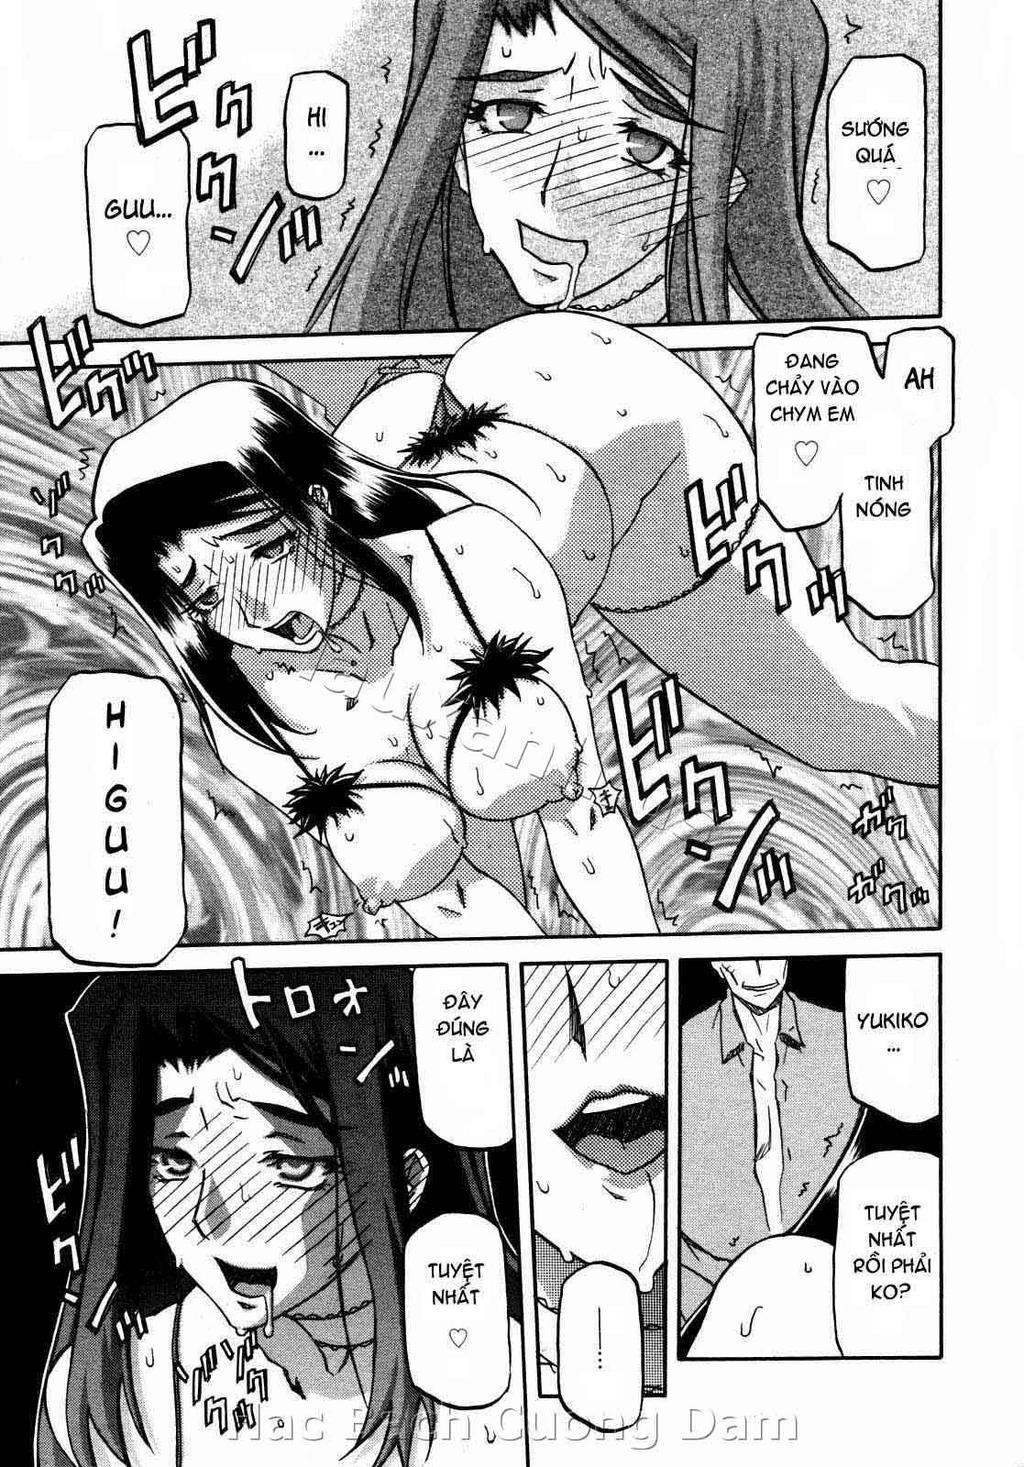 Hình ảnh hentailxers.blogspot.com0046 trong bài viết Manga H Sayuki no Sato